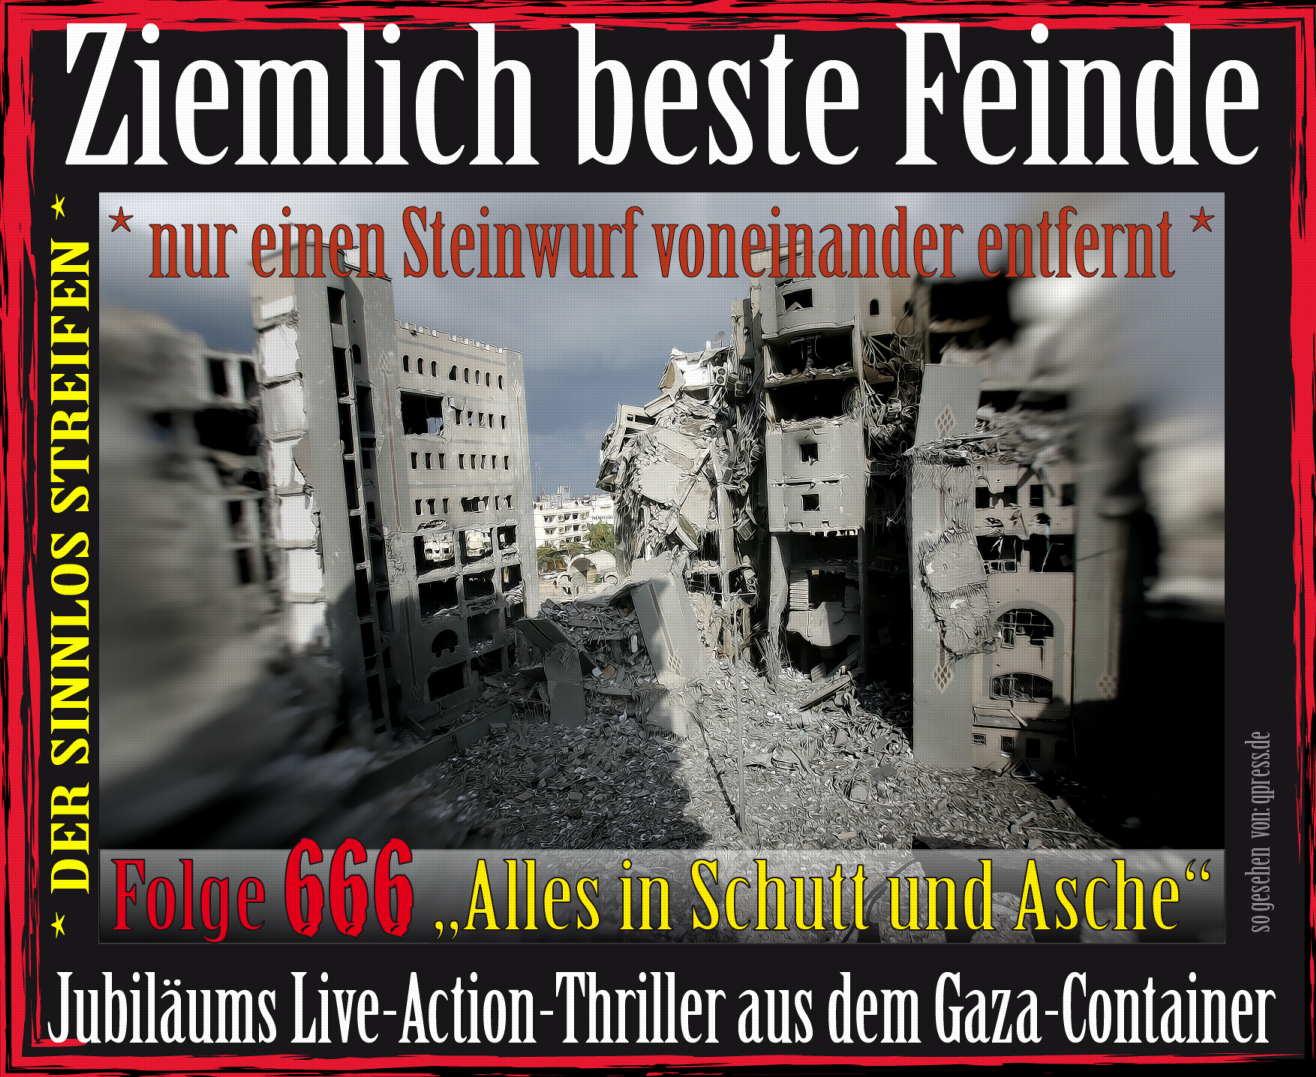 ziemlich_beste_feinde gaza israel palaestina krieg besatzung zersetzung drama